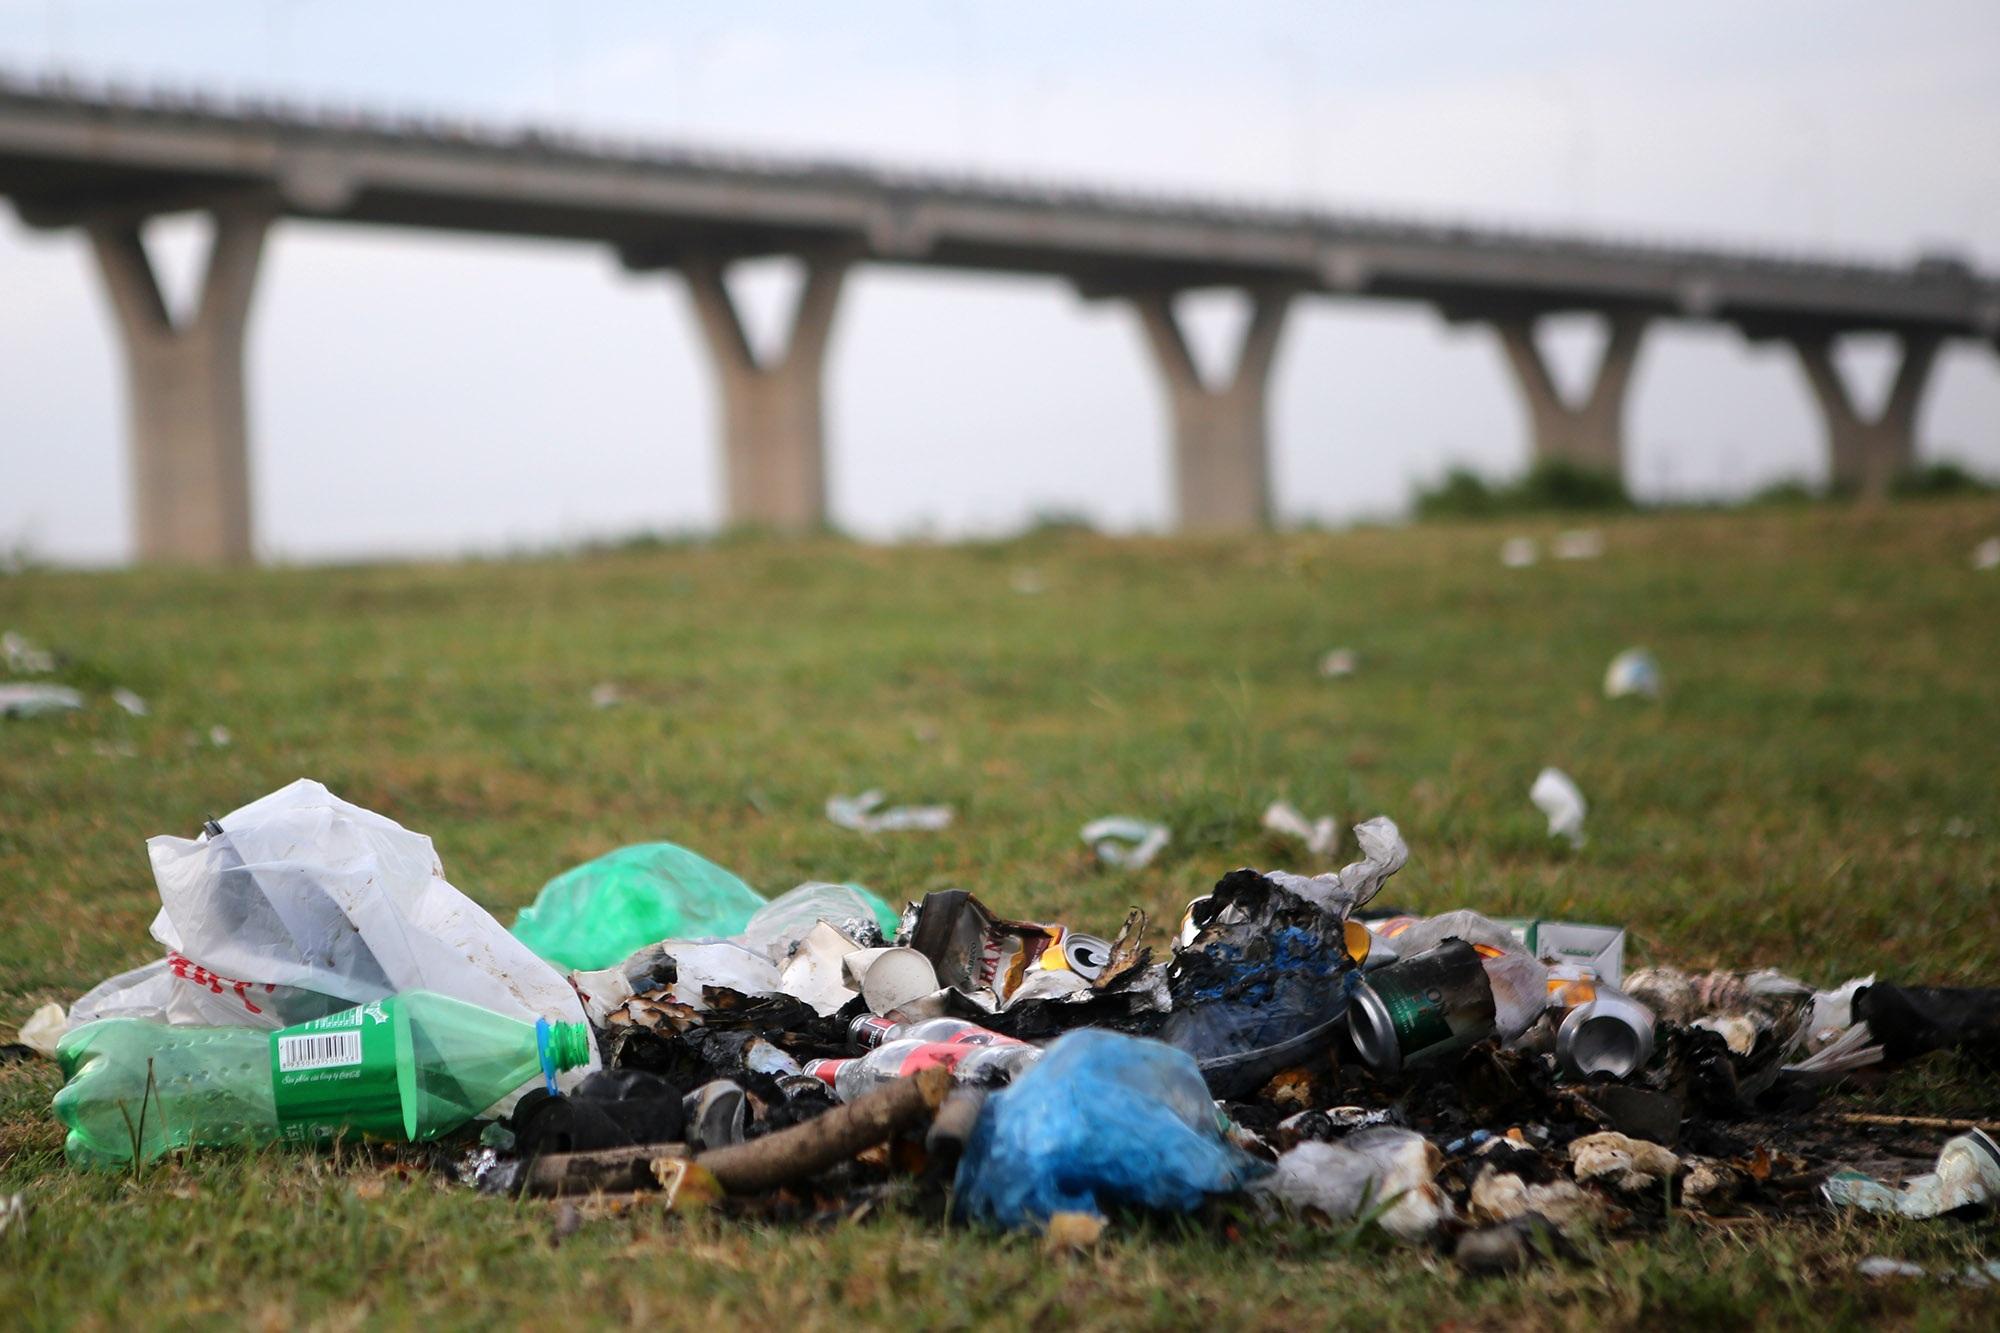 Xả rác tràn ngập bãi tự nhiên ven sông Hồng - 3